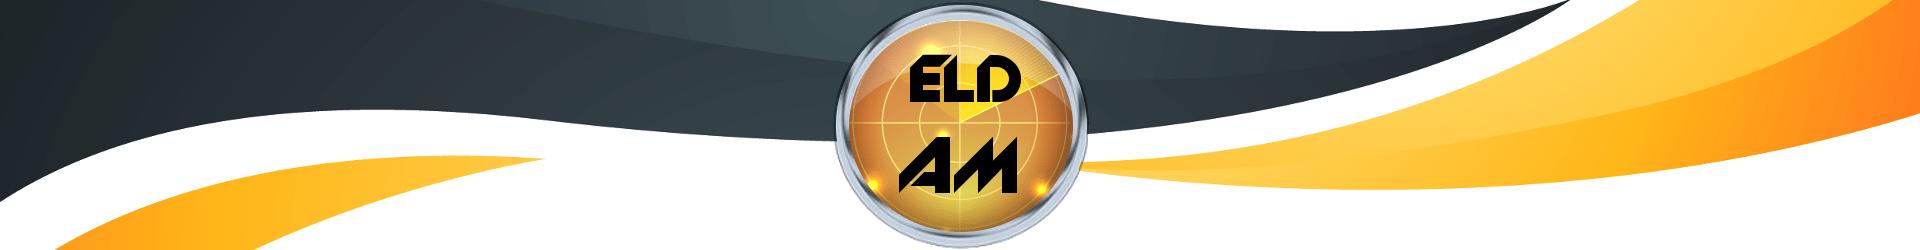 Eld Engineering